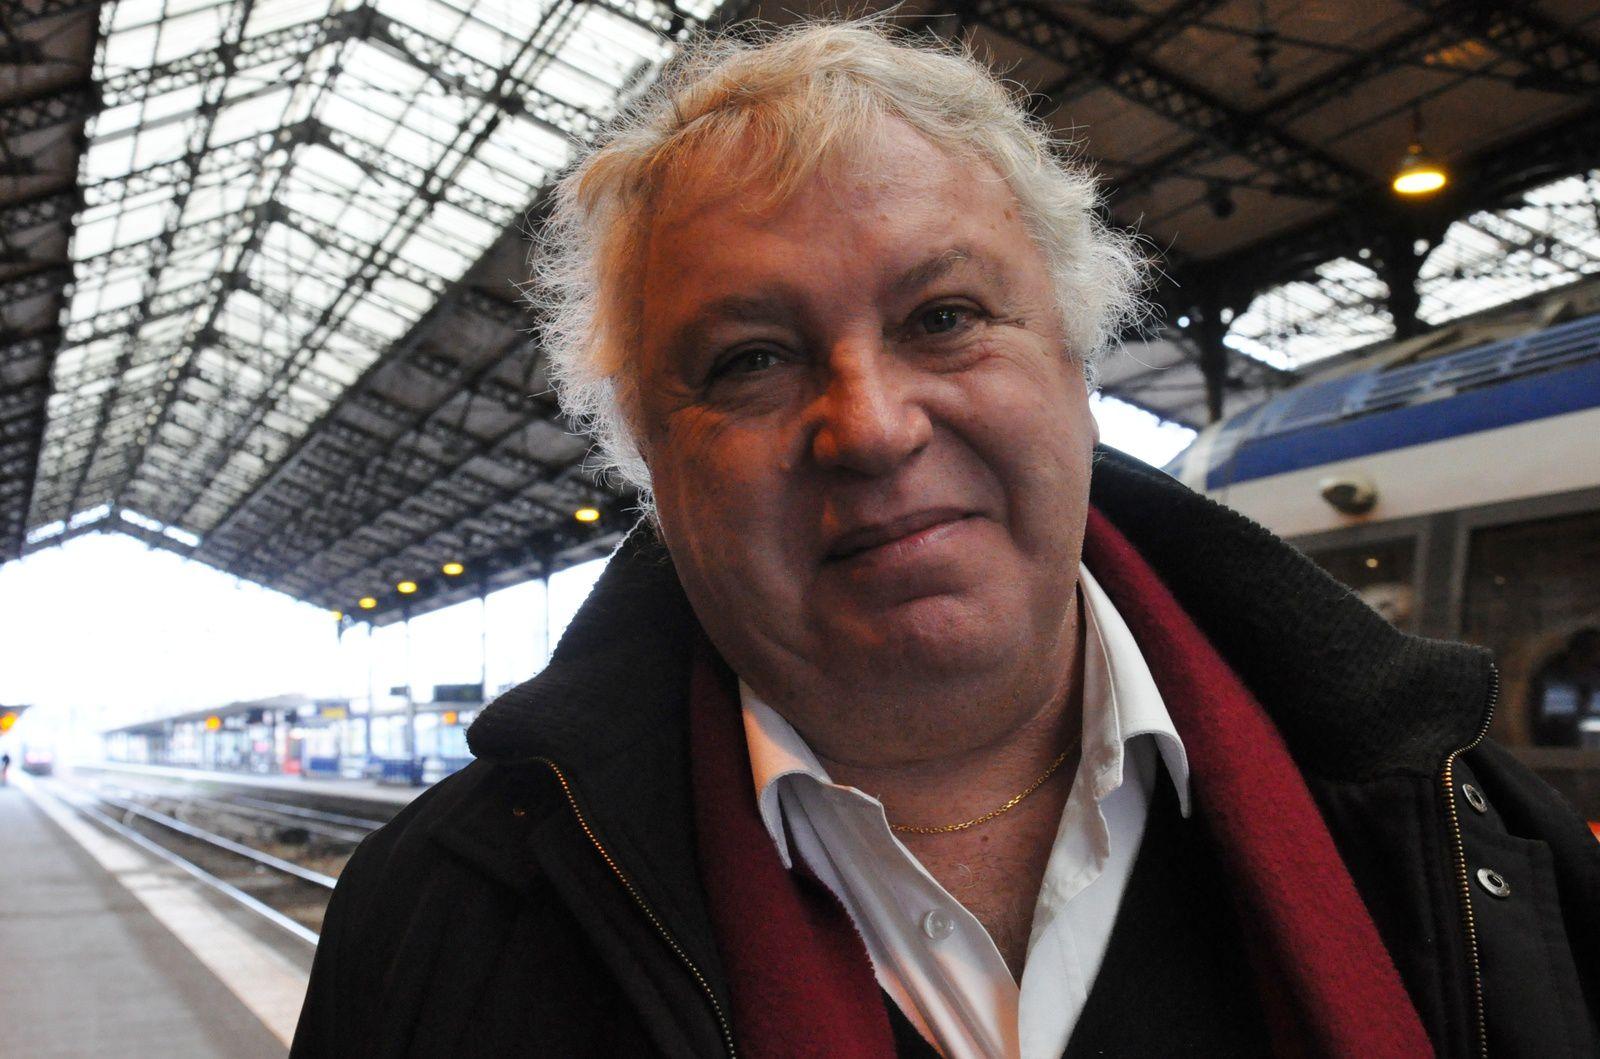 Gérard Filoche ne monte pas dans le train en marche : il riposte sans attendre.